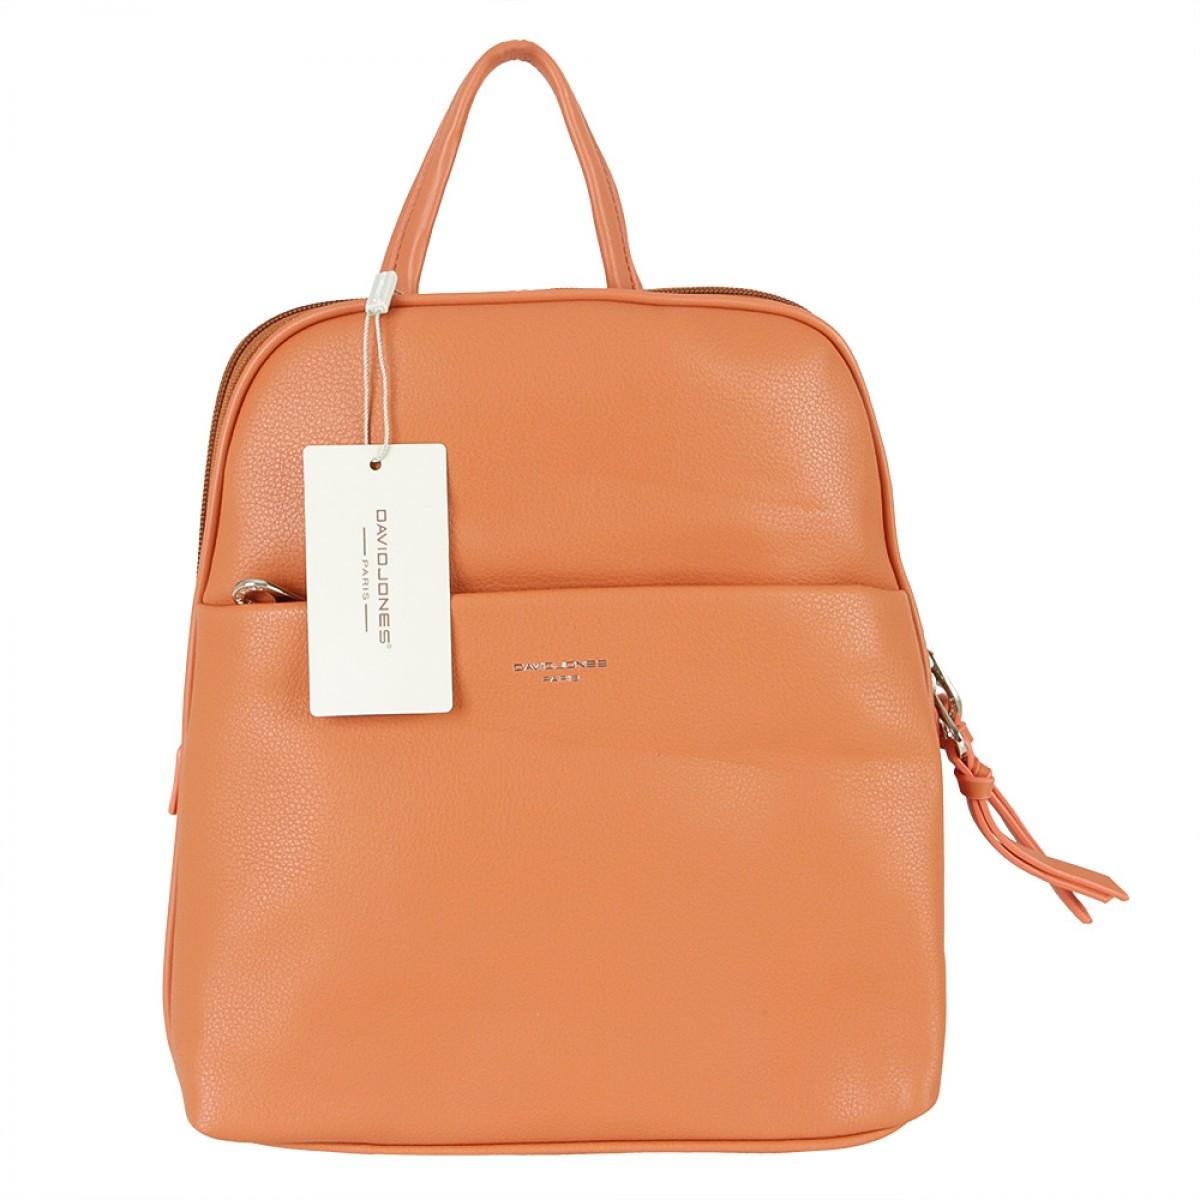 Жіночий рюкзак David Jones 6219-2 CORAL